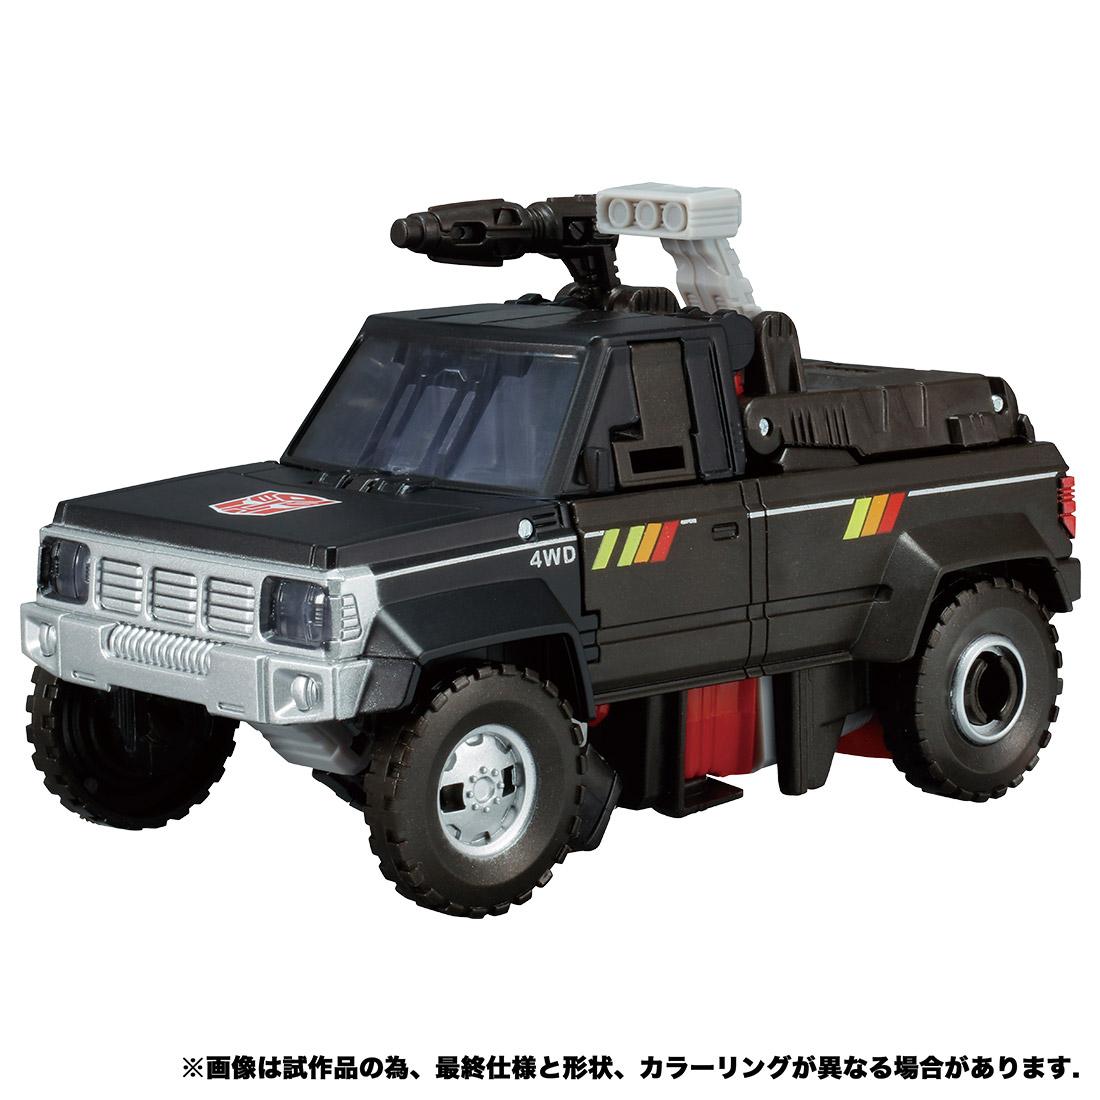 【限定販売】トランスフォーマー アースライズ『ER EX-13 トレイルブレイカー』可変可動フィギュア-007